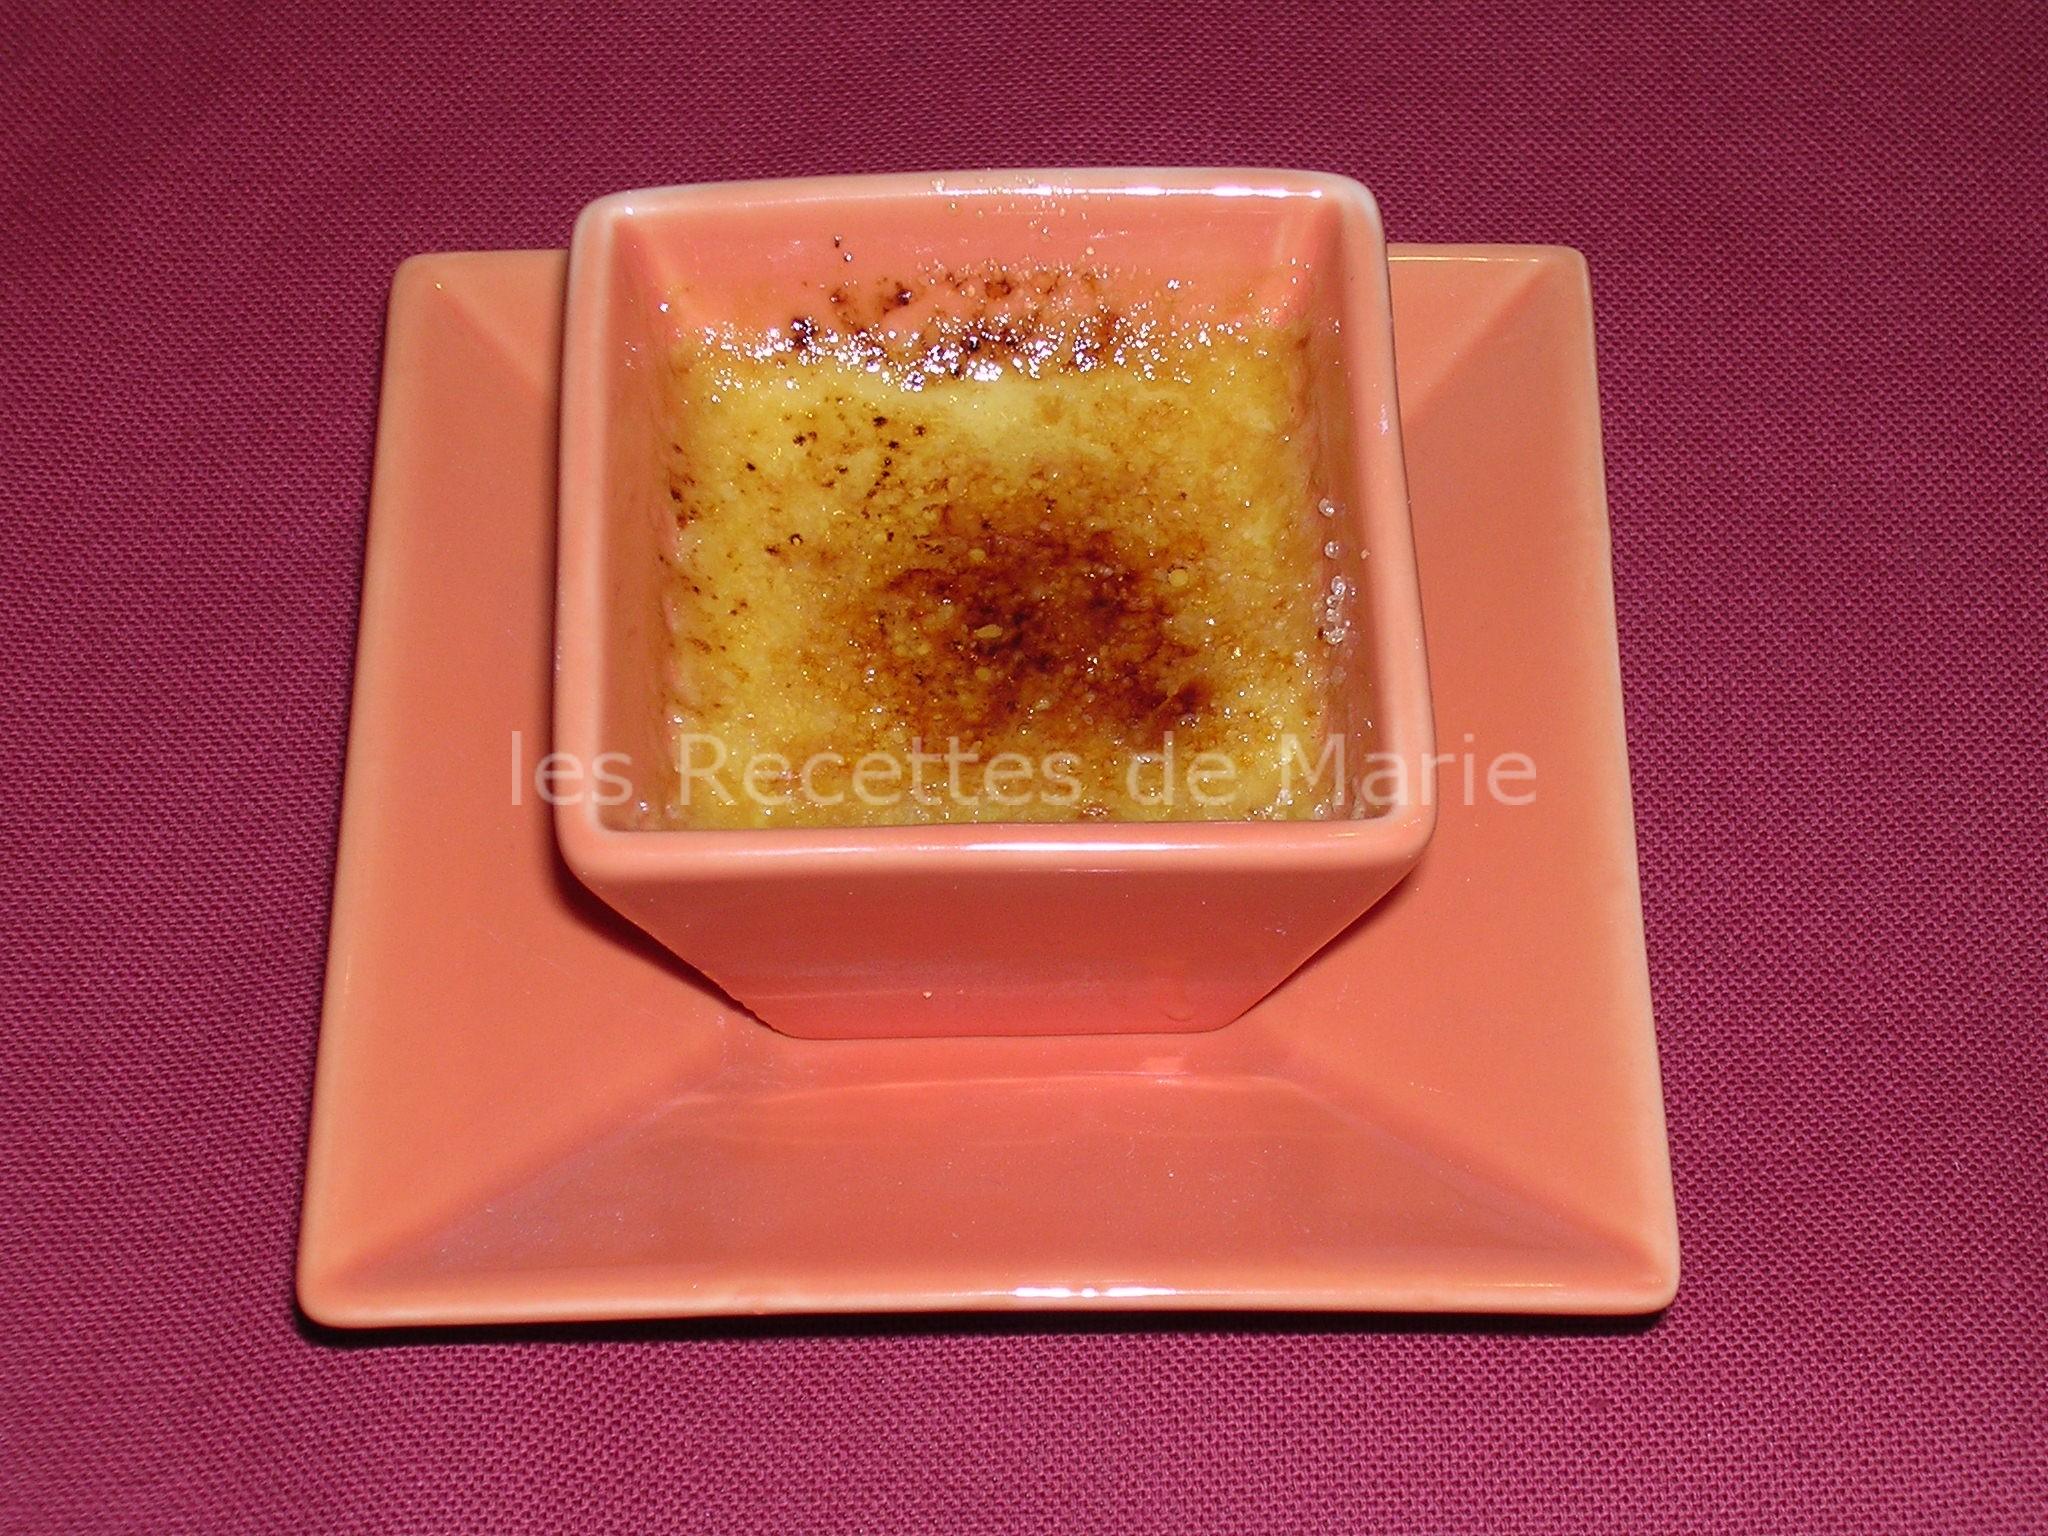 Petits pots de crème brûlée